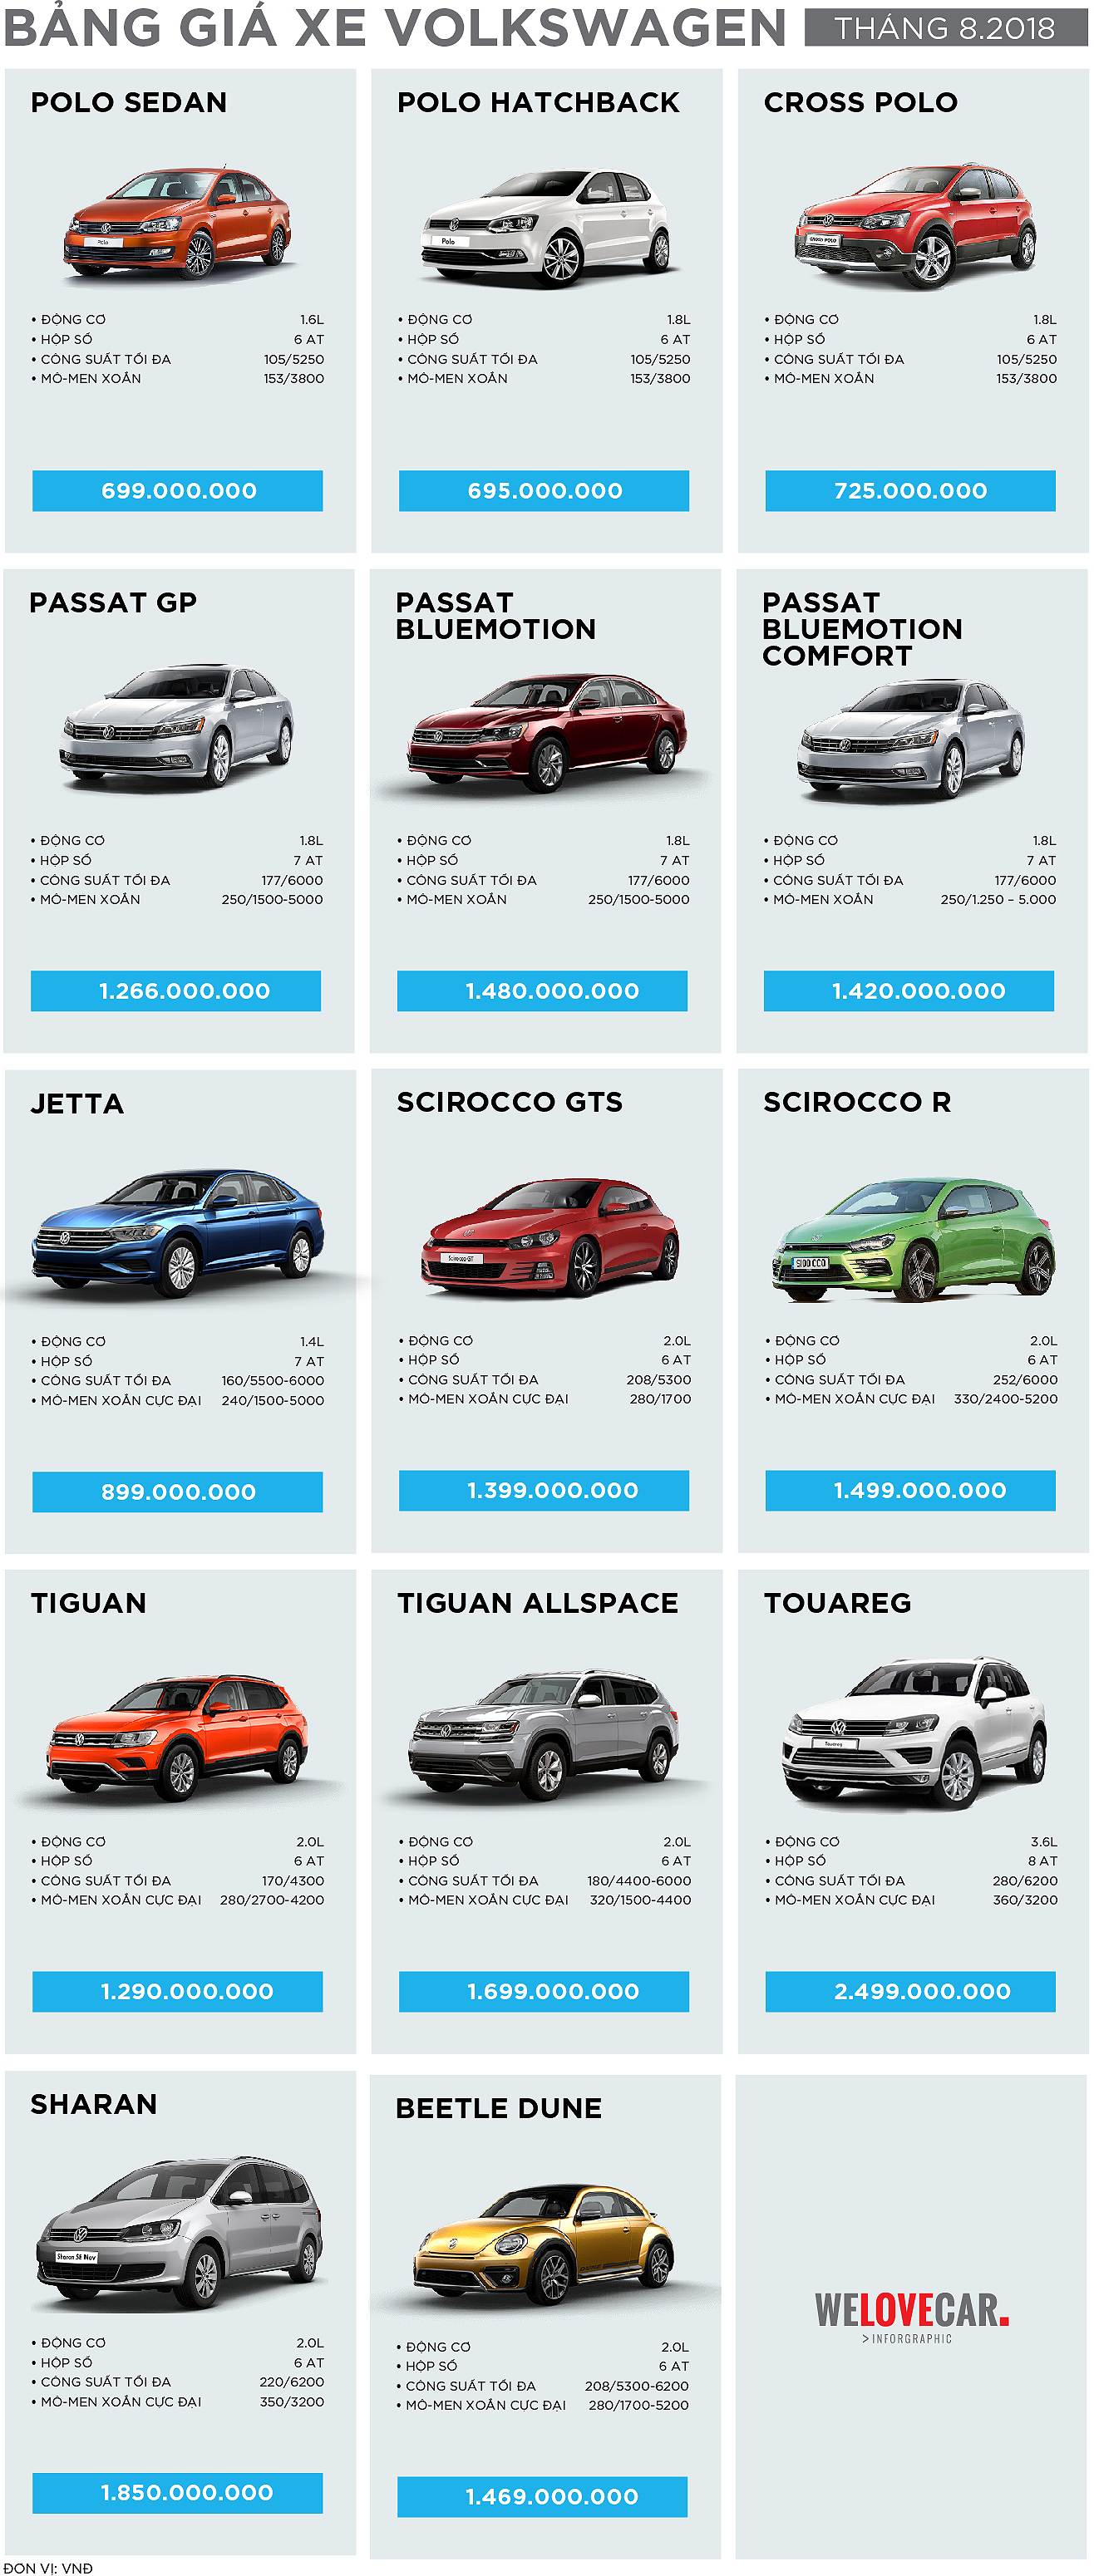 Bảng giá xe Volkswagen tháng 8/2018